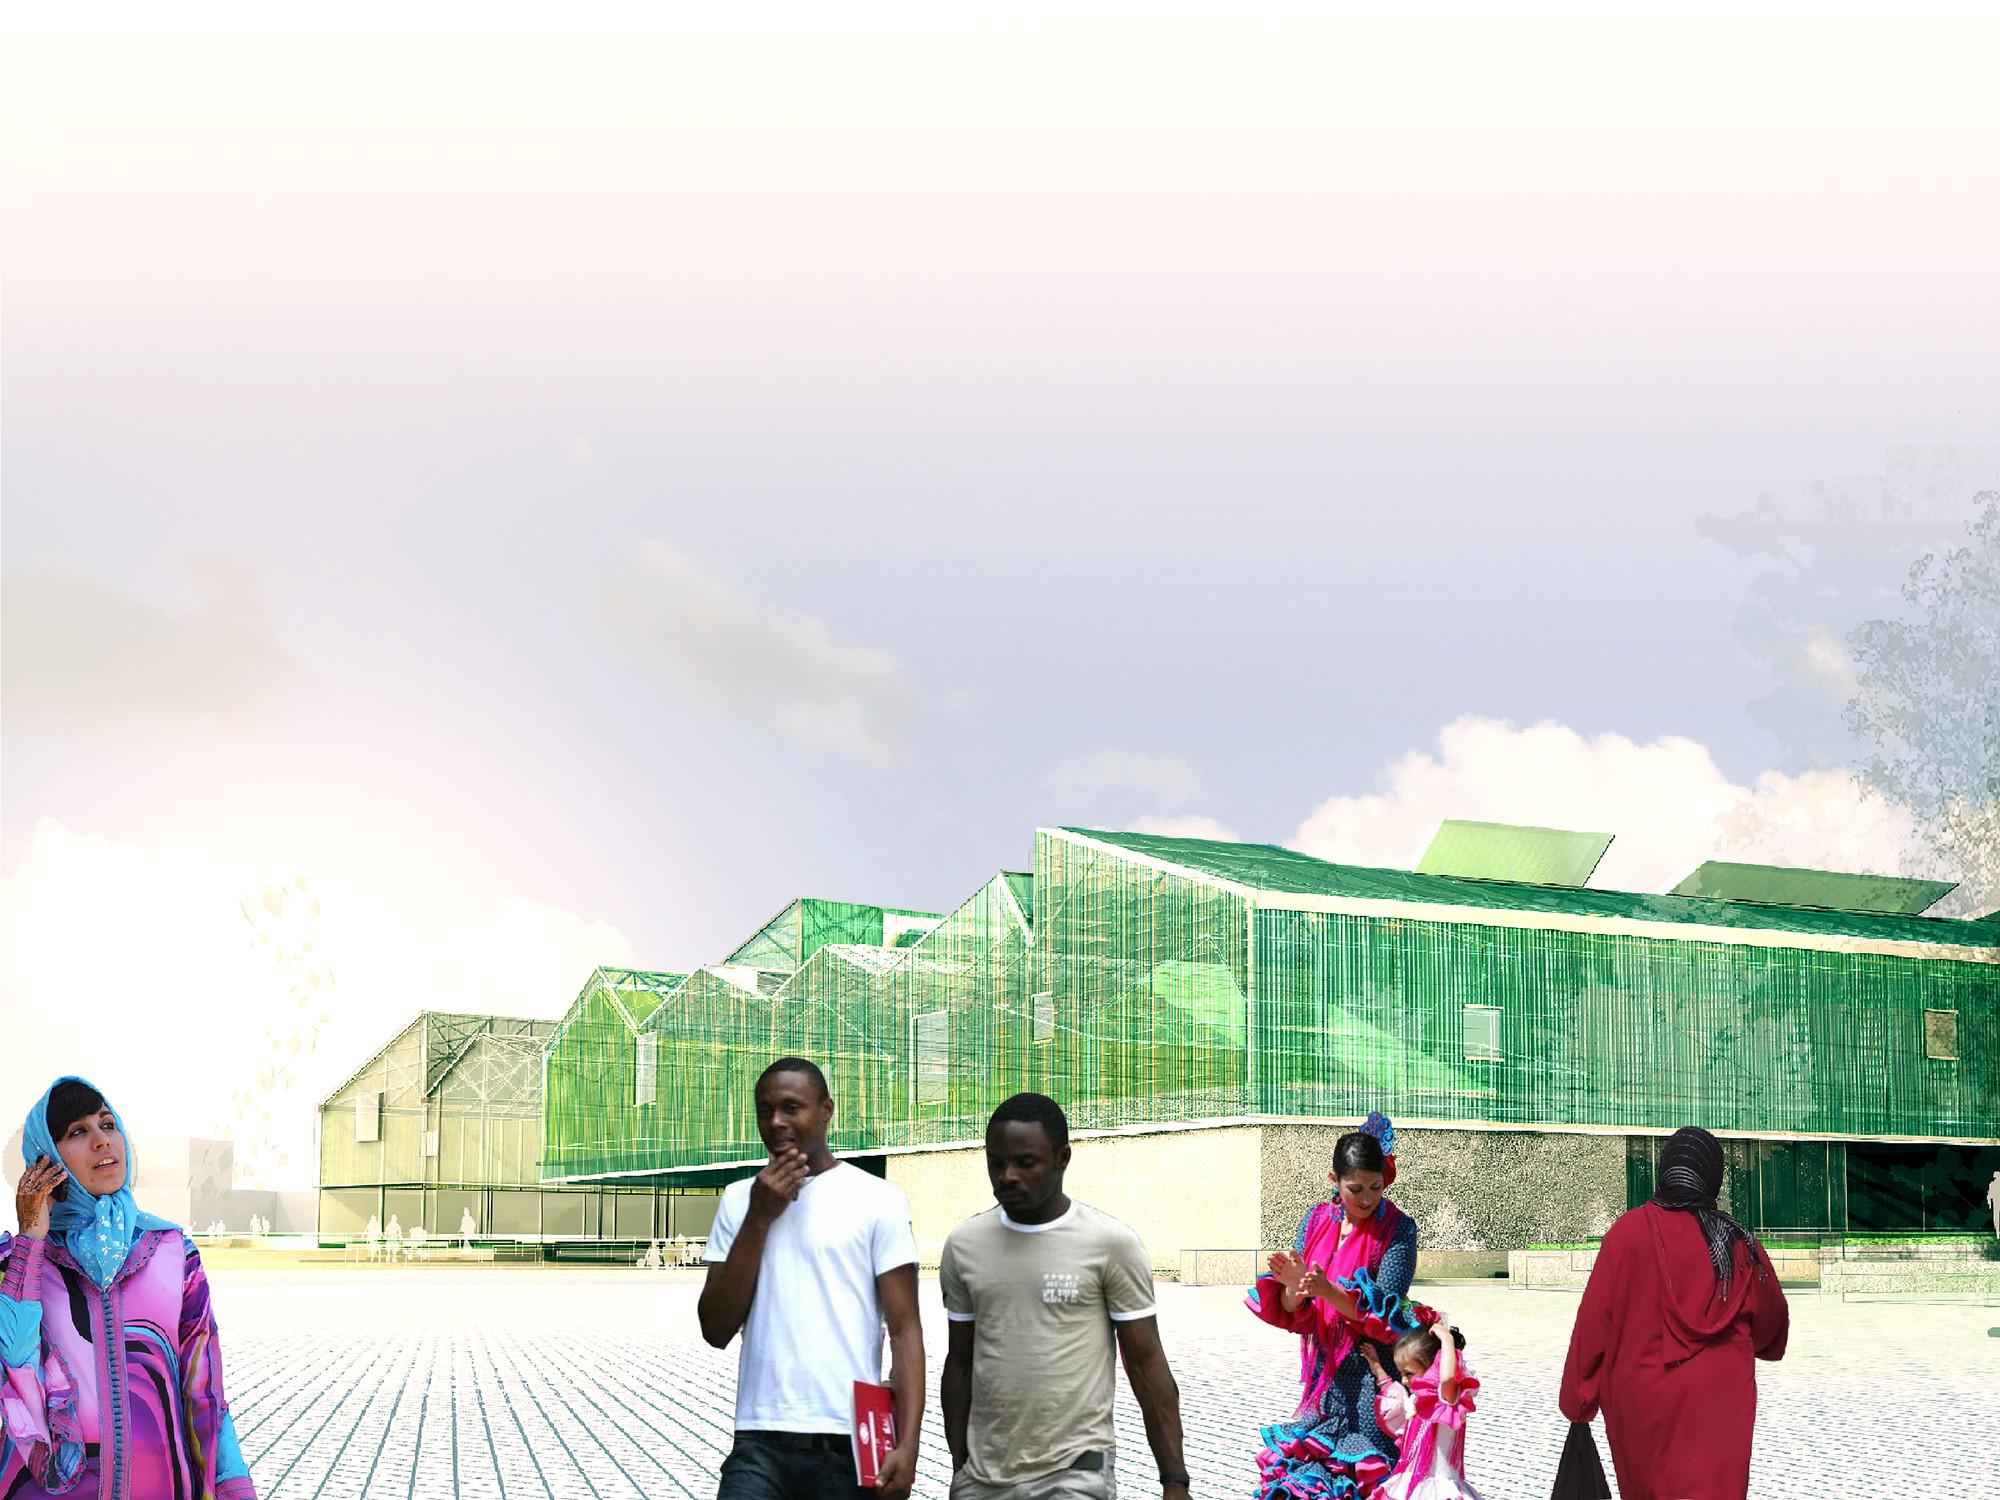 Reestructuración agrícola, Primer Lugar en Holcim Awards Next Generation Europe 2014 / España, Equipamiento Agroindustrial. Image Cortesia de DAT Pangea